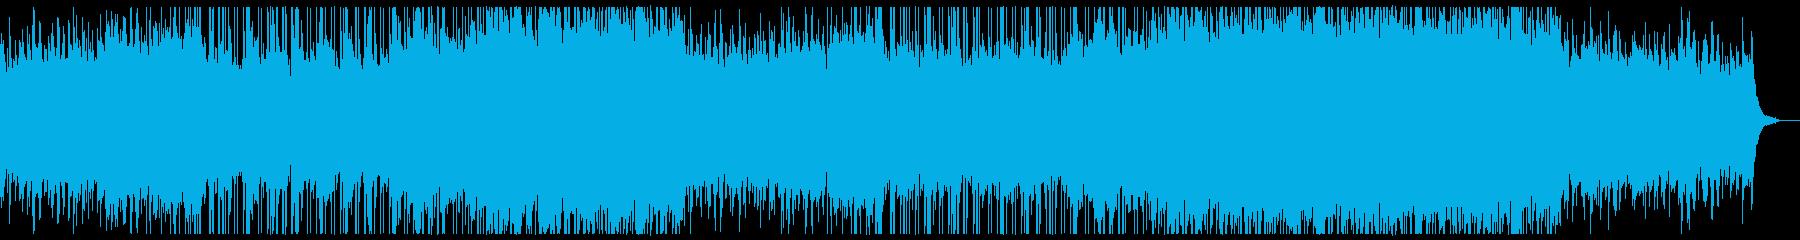 爽やかな感動系ピアノチルアウトシンフォ。の再生済みの波形